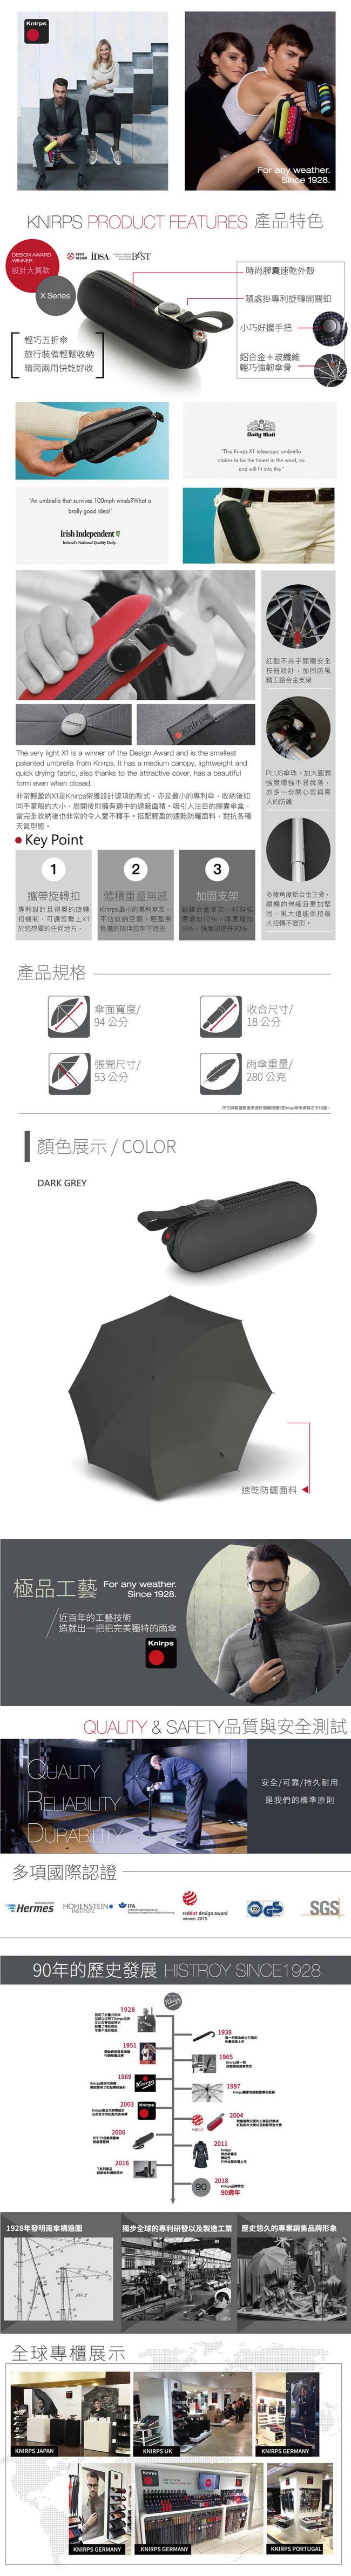 (複製)Knirps德國紅點傘|X1 膠囊五折傘-NUNO Drip